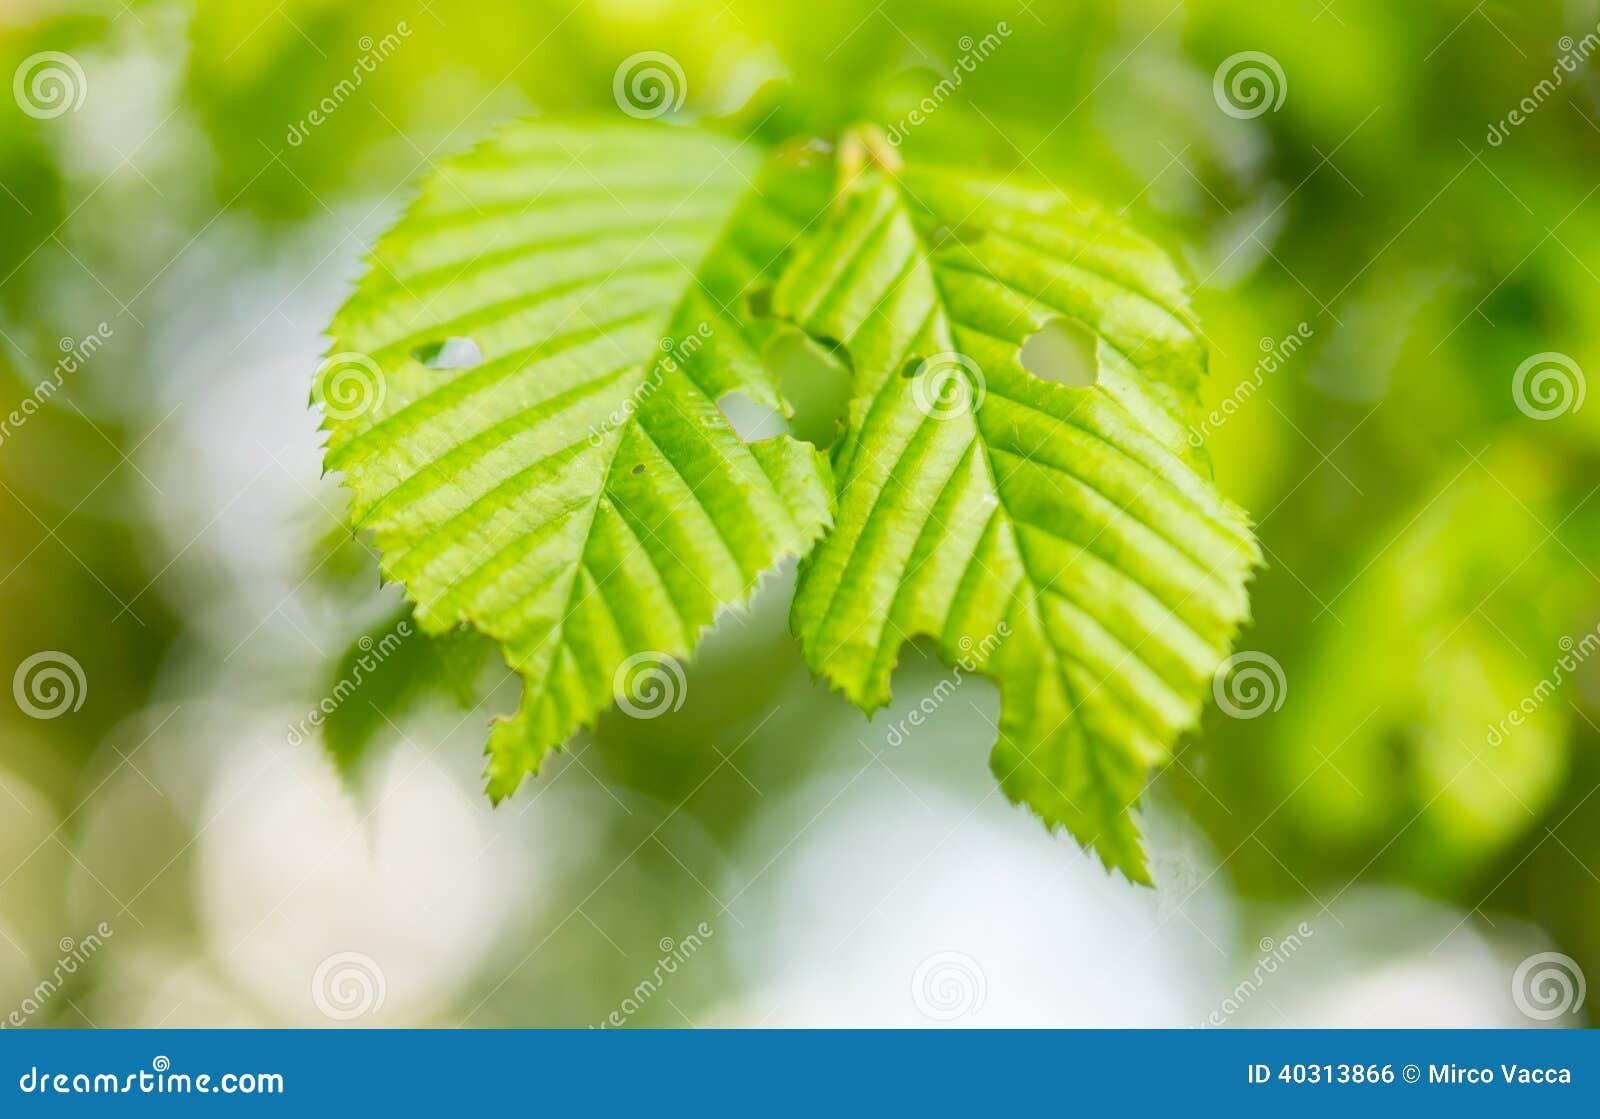 Hazelnut Tree Leaf Stock Photo - Image: 40313866